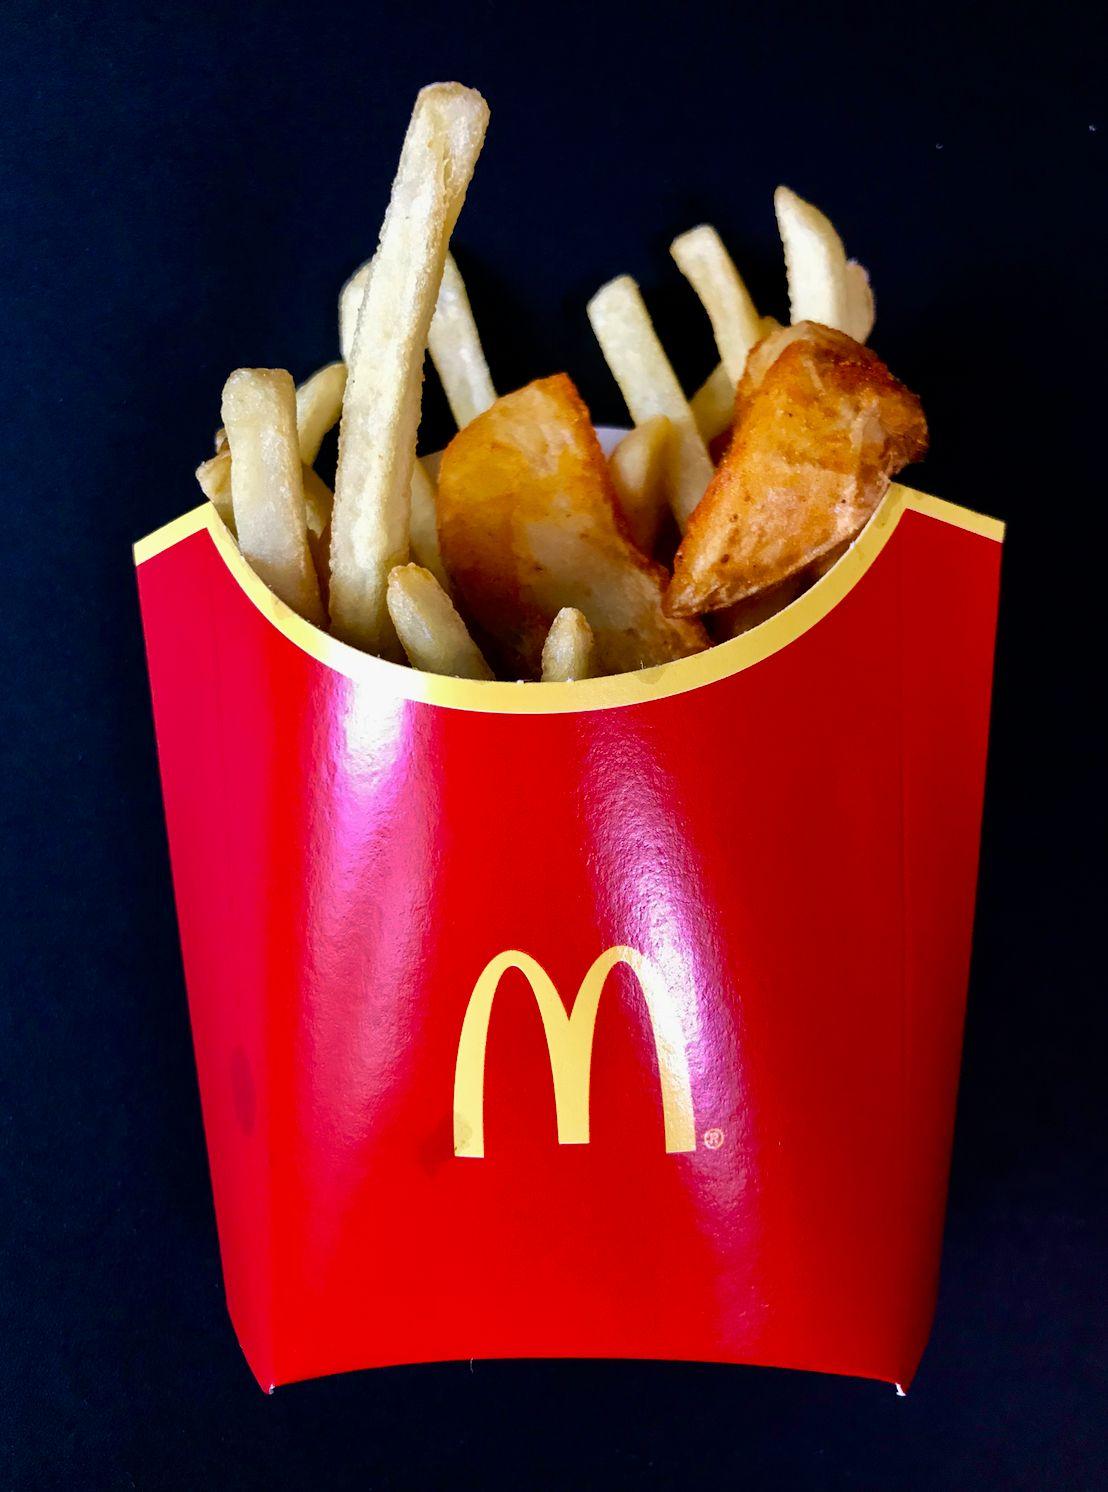 Mac Do Autour De Moi : autour, Frites-Potatoes:, McDonald's, Permet, Exceptionnellement, D'avoir, Huffington